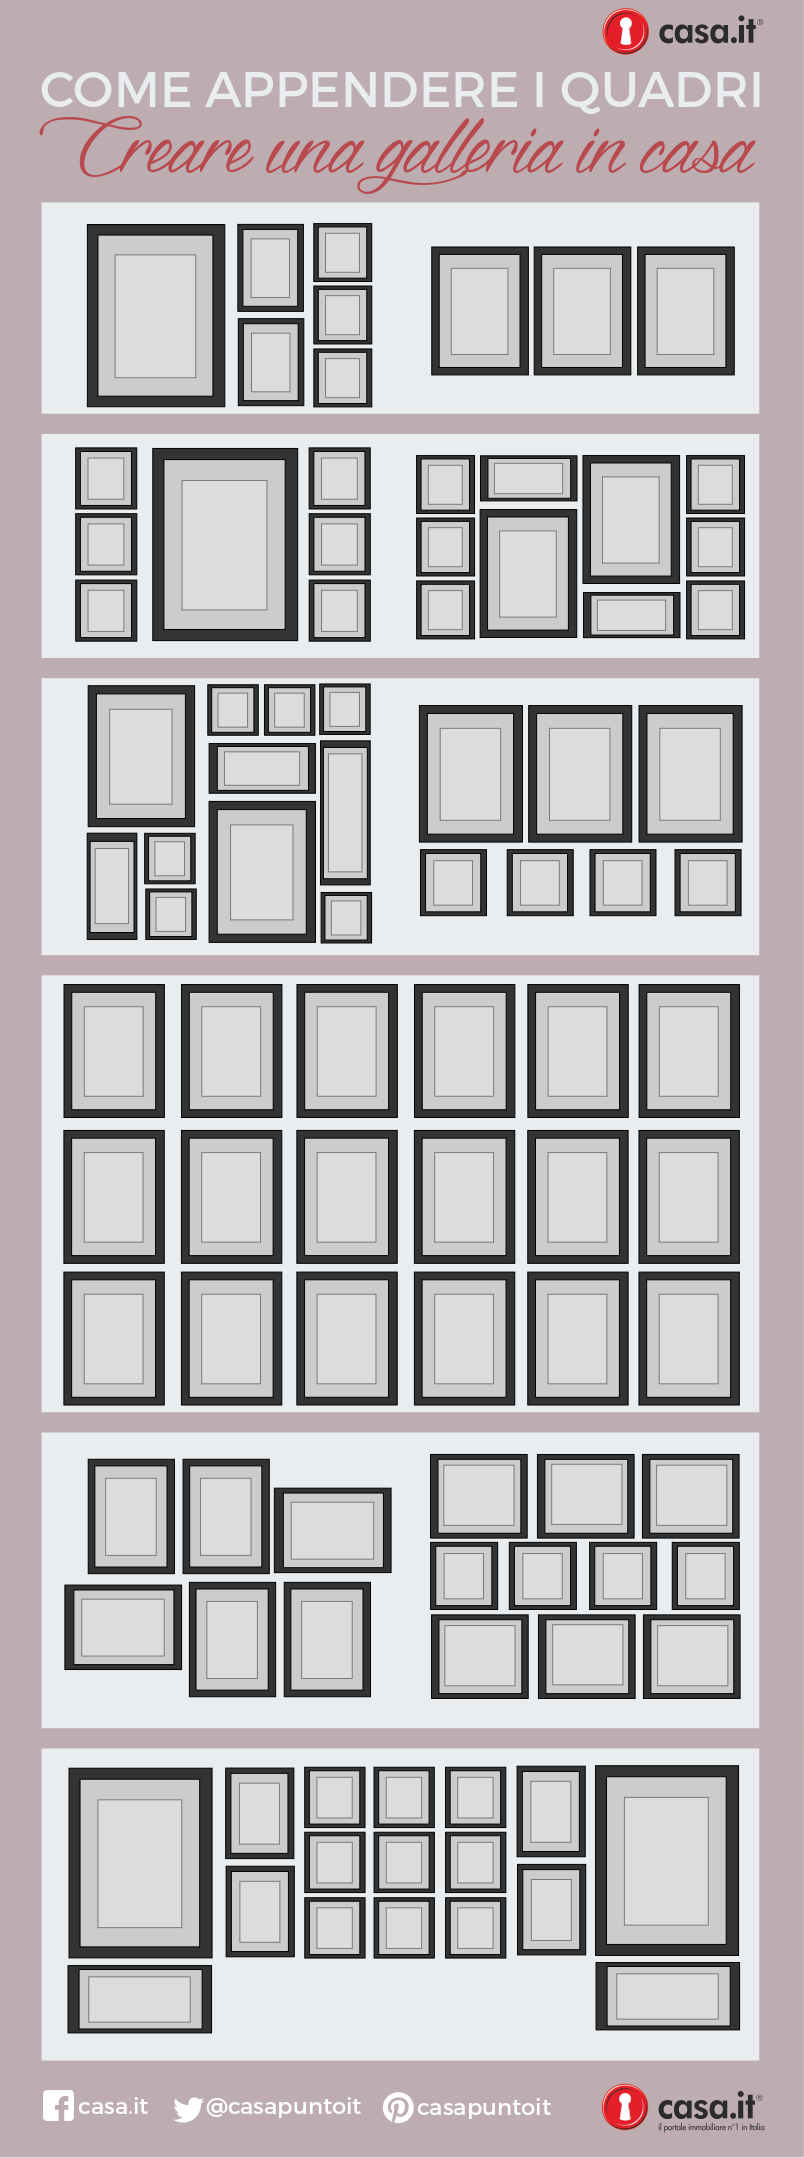 effetto galleria: come appendere i quadri - casa.it